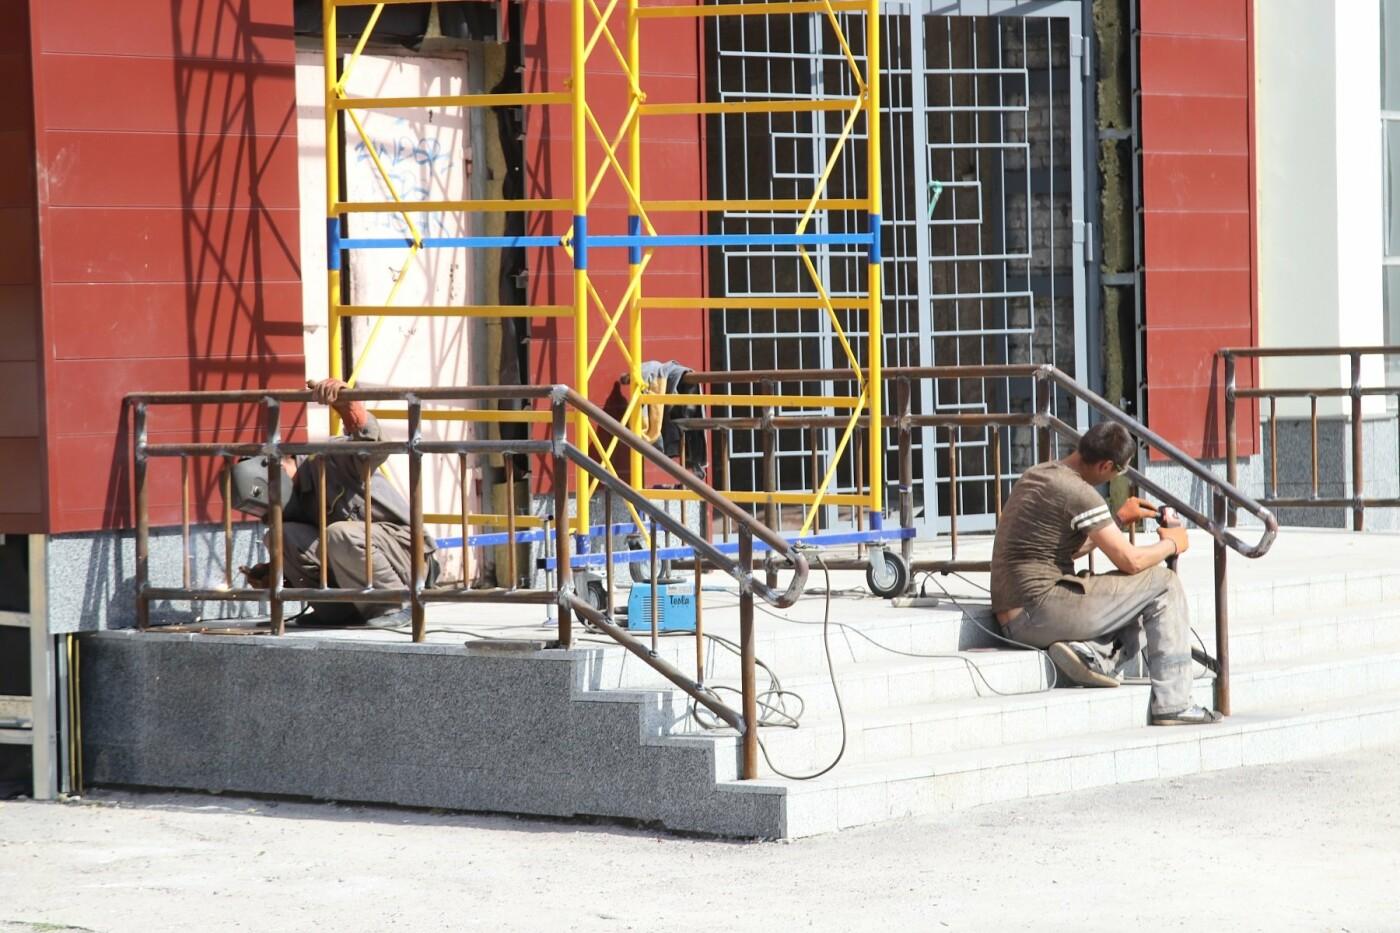 """Робоча нарада з мером: будівельники доповіли про хід реконструкції  """"Металурга"""" - """"Після завершення робіт зовні і гідроізоляції готові пере..., фото-1"""